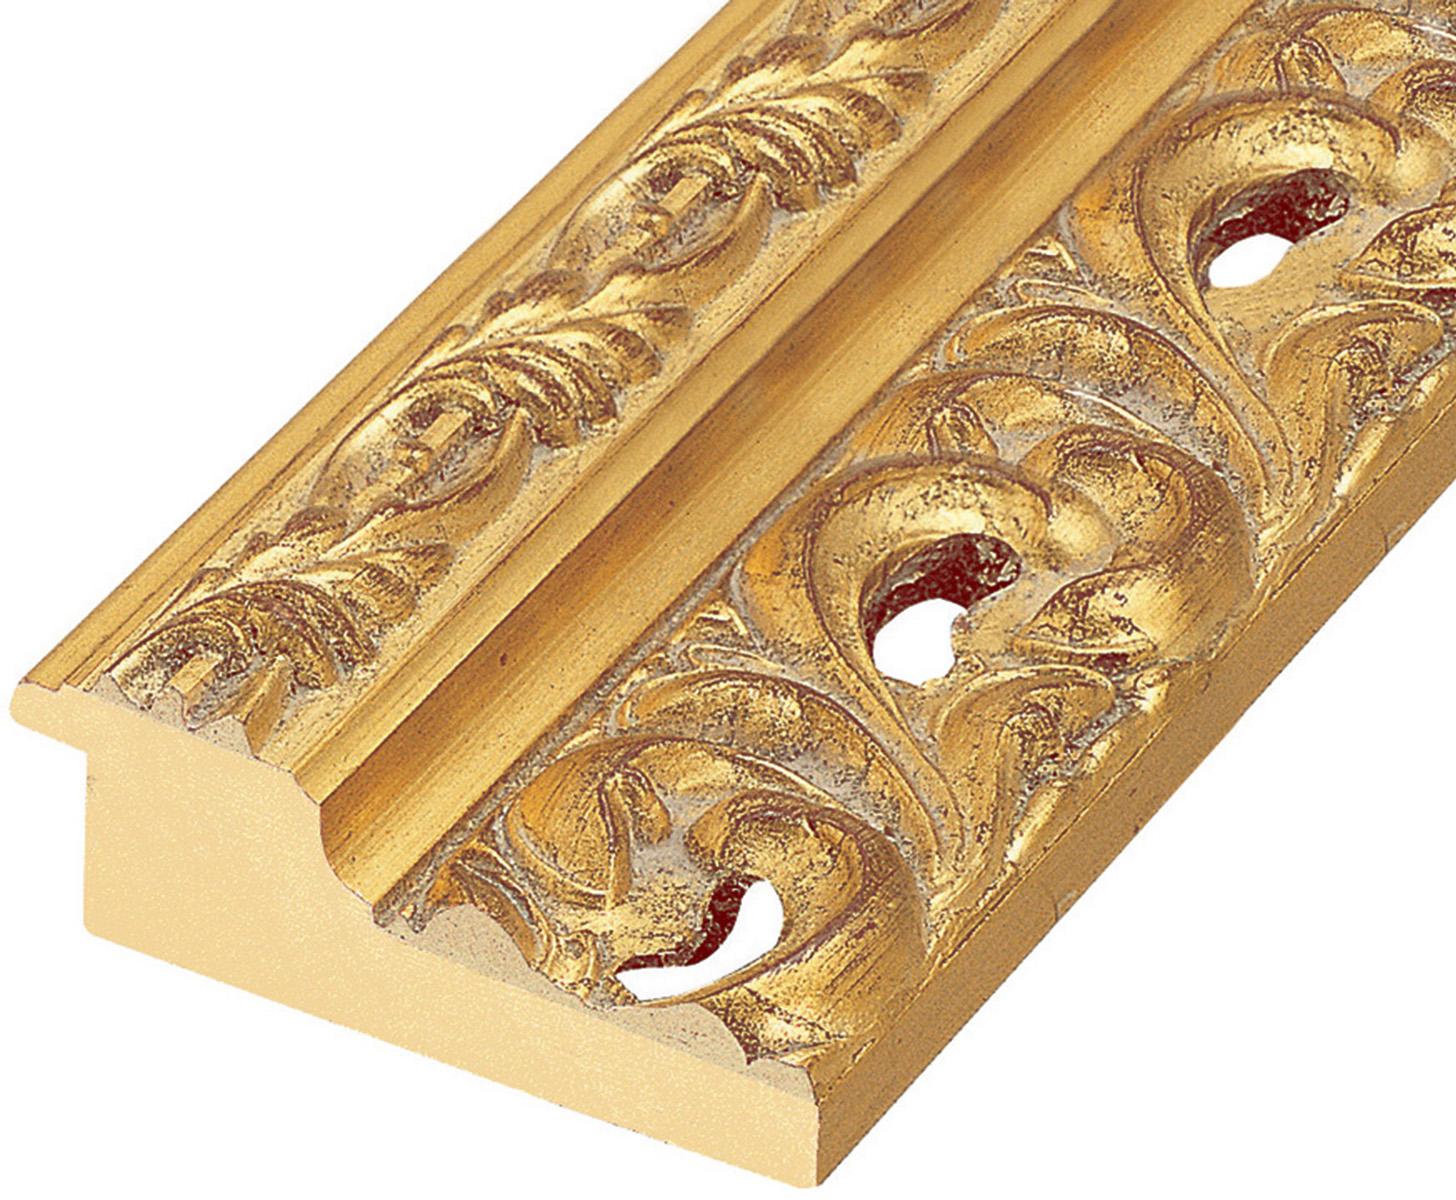 Moulding finger-joint pine Width 95mm - Gold